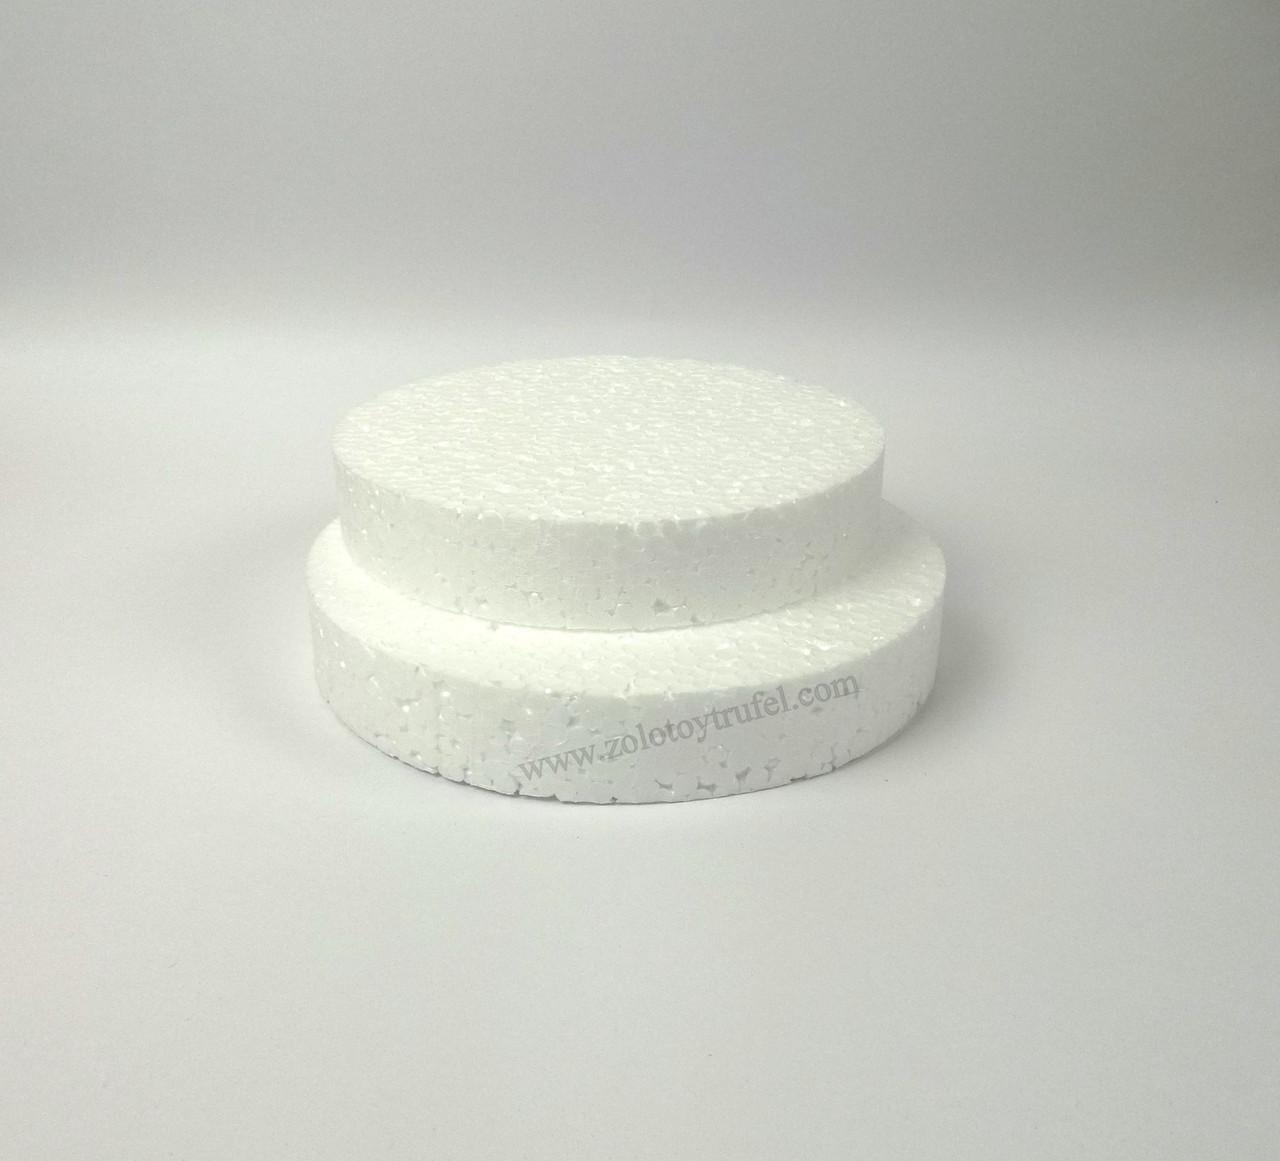 Прослойки пенопластовые для торта d 18 см h 3 см